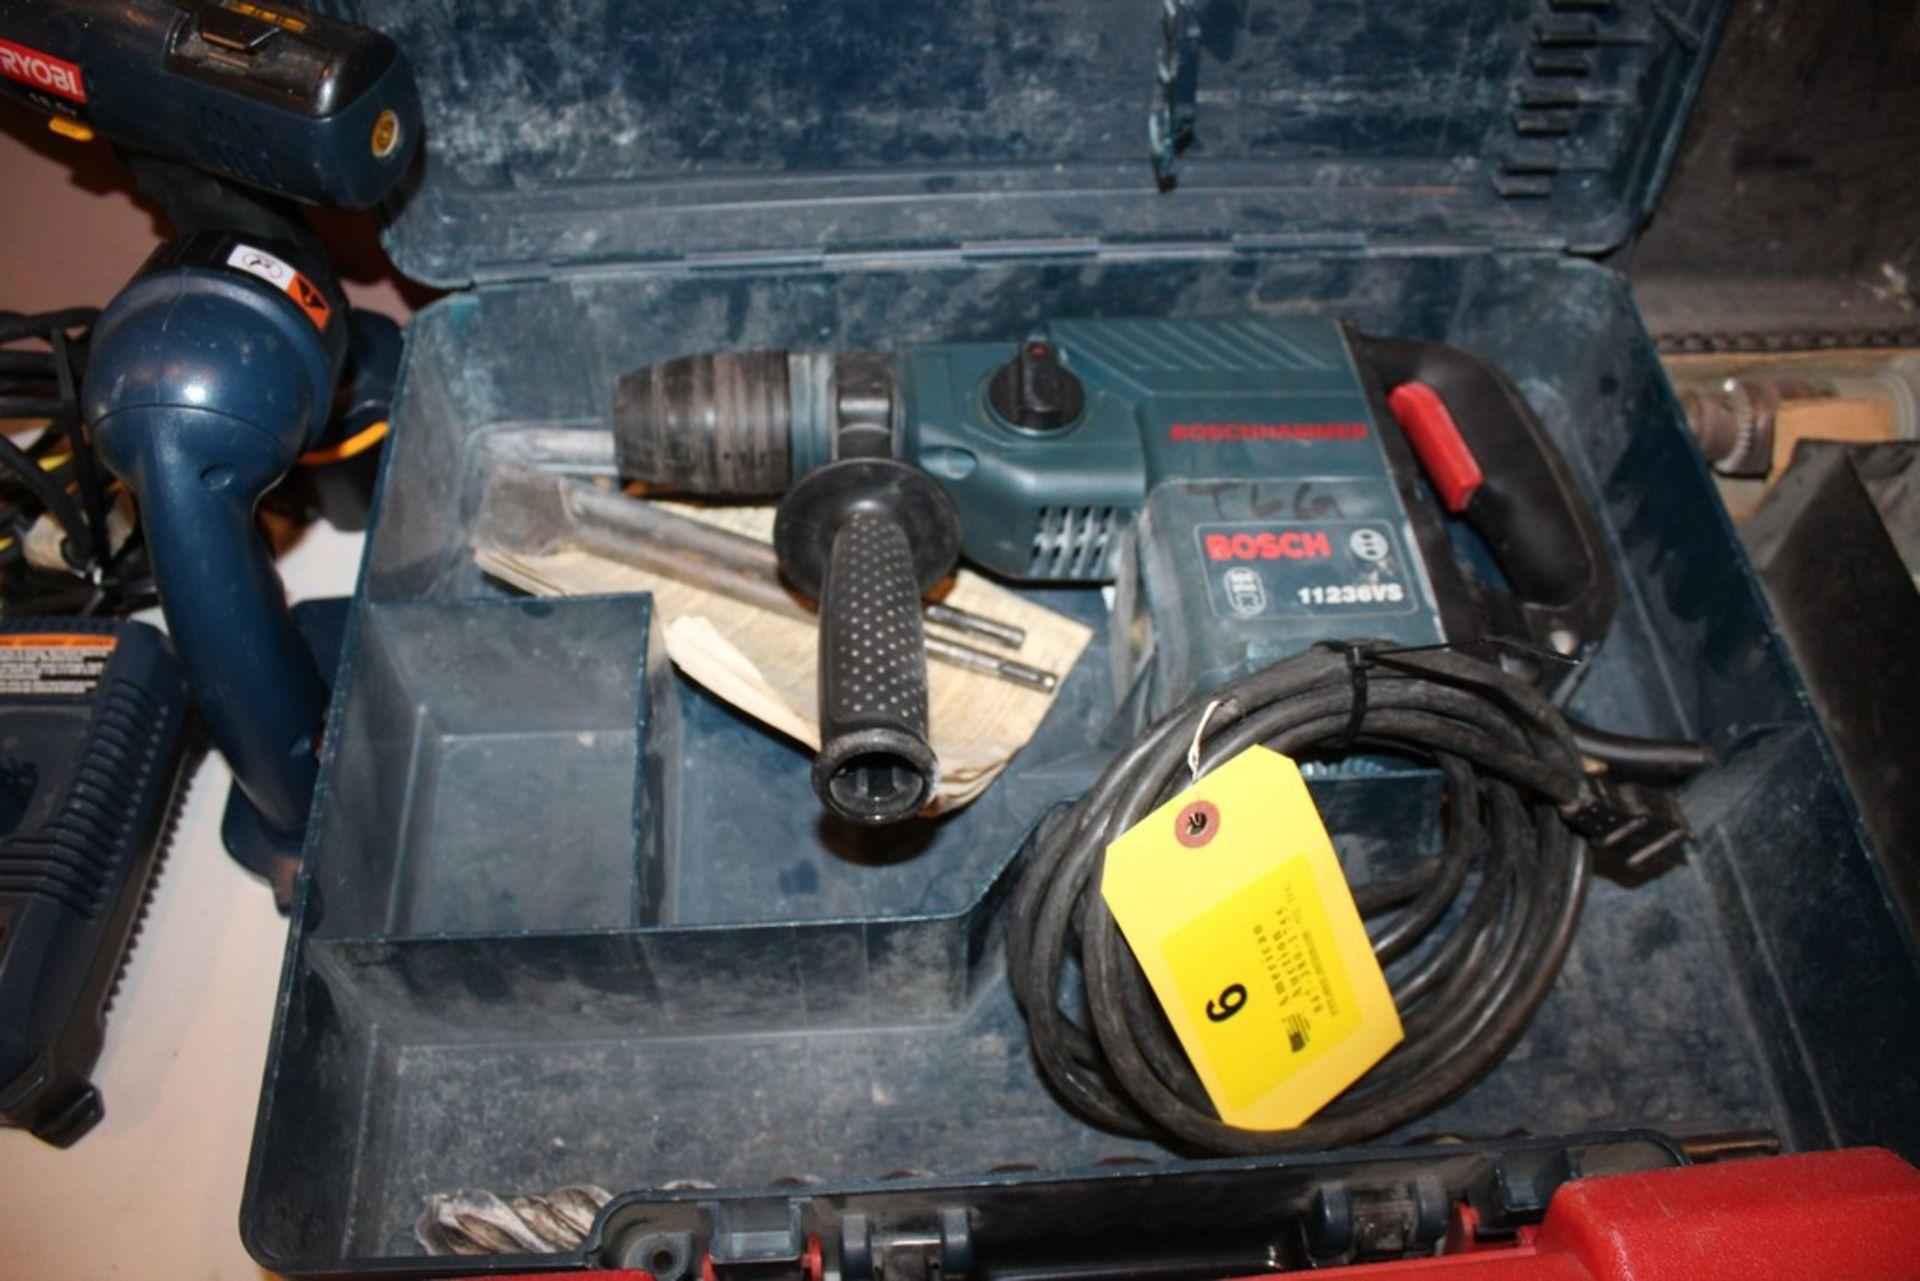 Lot 6 - BOSCH MODEL 11236VS HAMMER DRILL WITH CASE